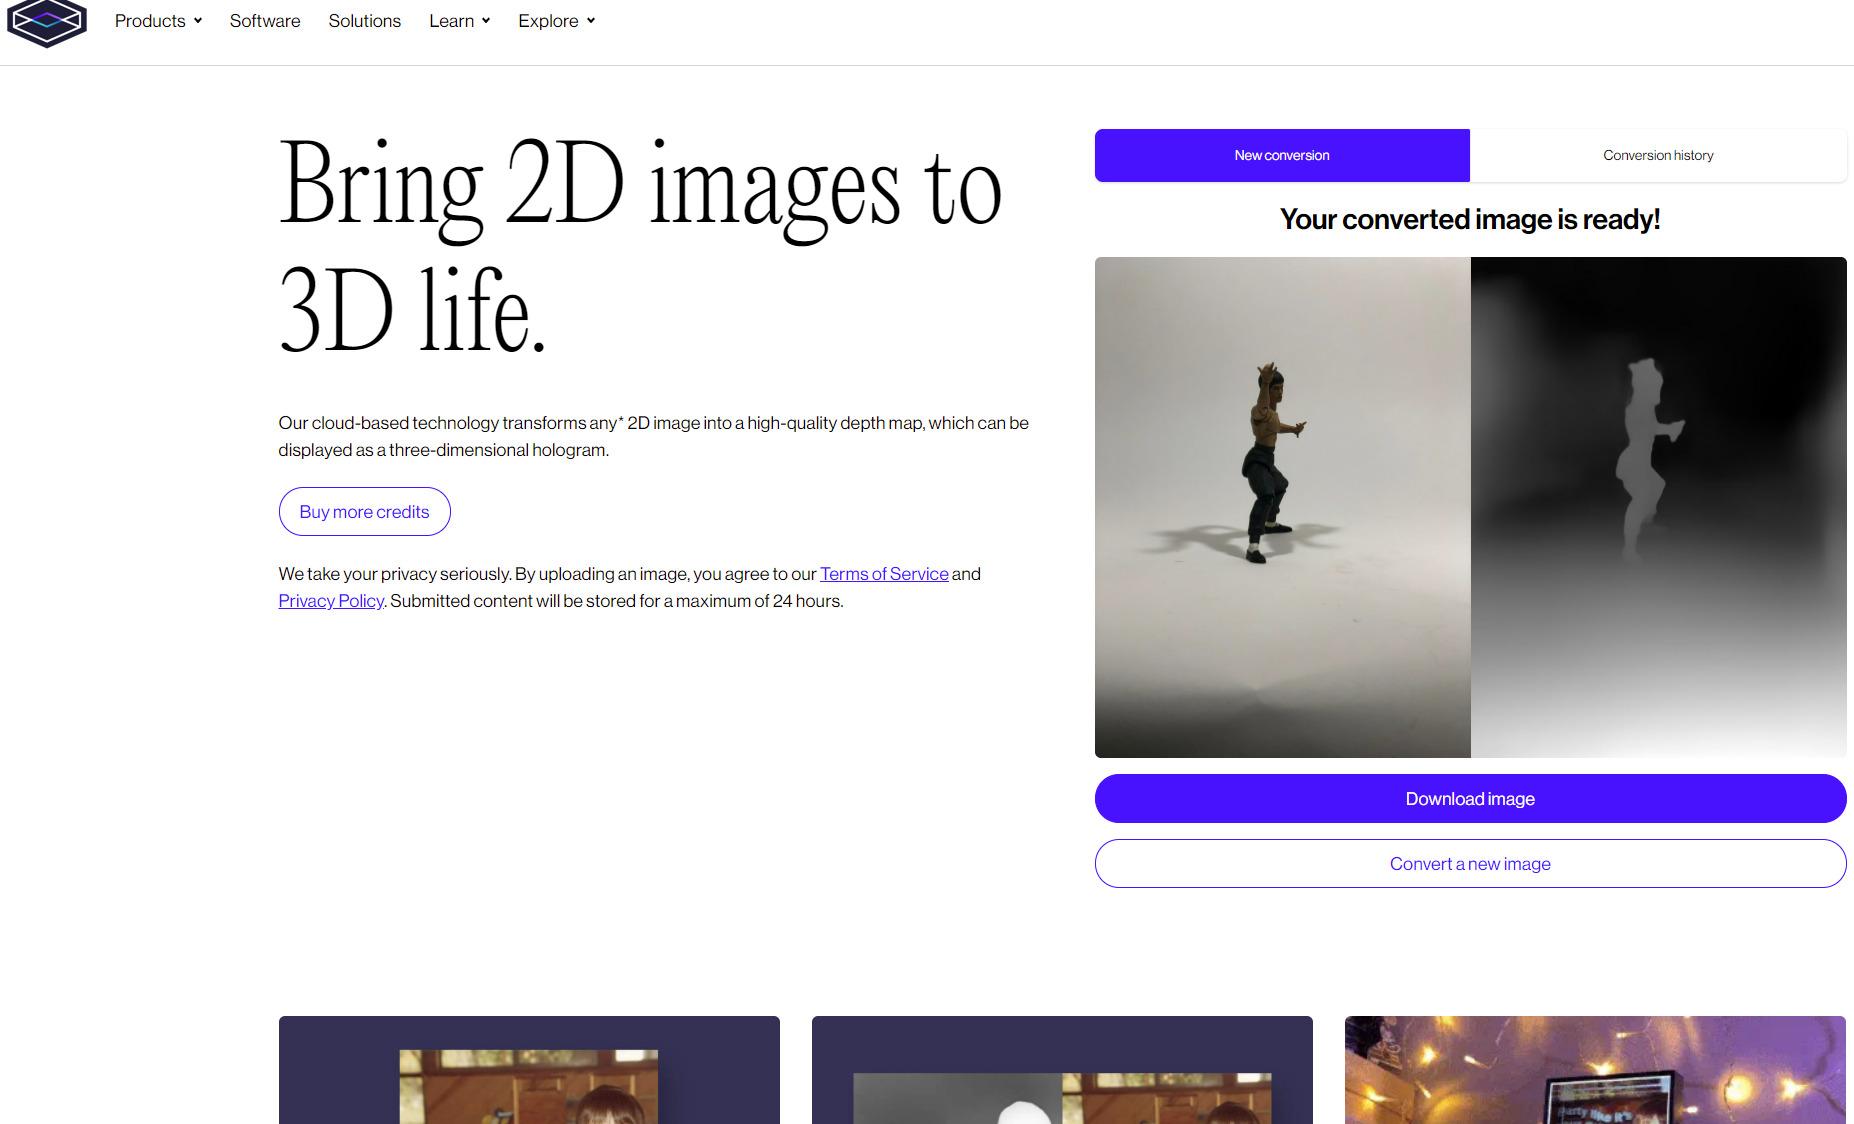 Bring 2D images to 3D lifeのホームページ。普通の写真をアップロードするだけで手軽に3D画像が変換されてダウンロードできるようになる